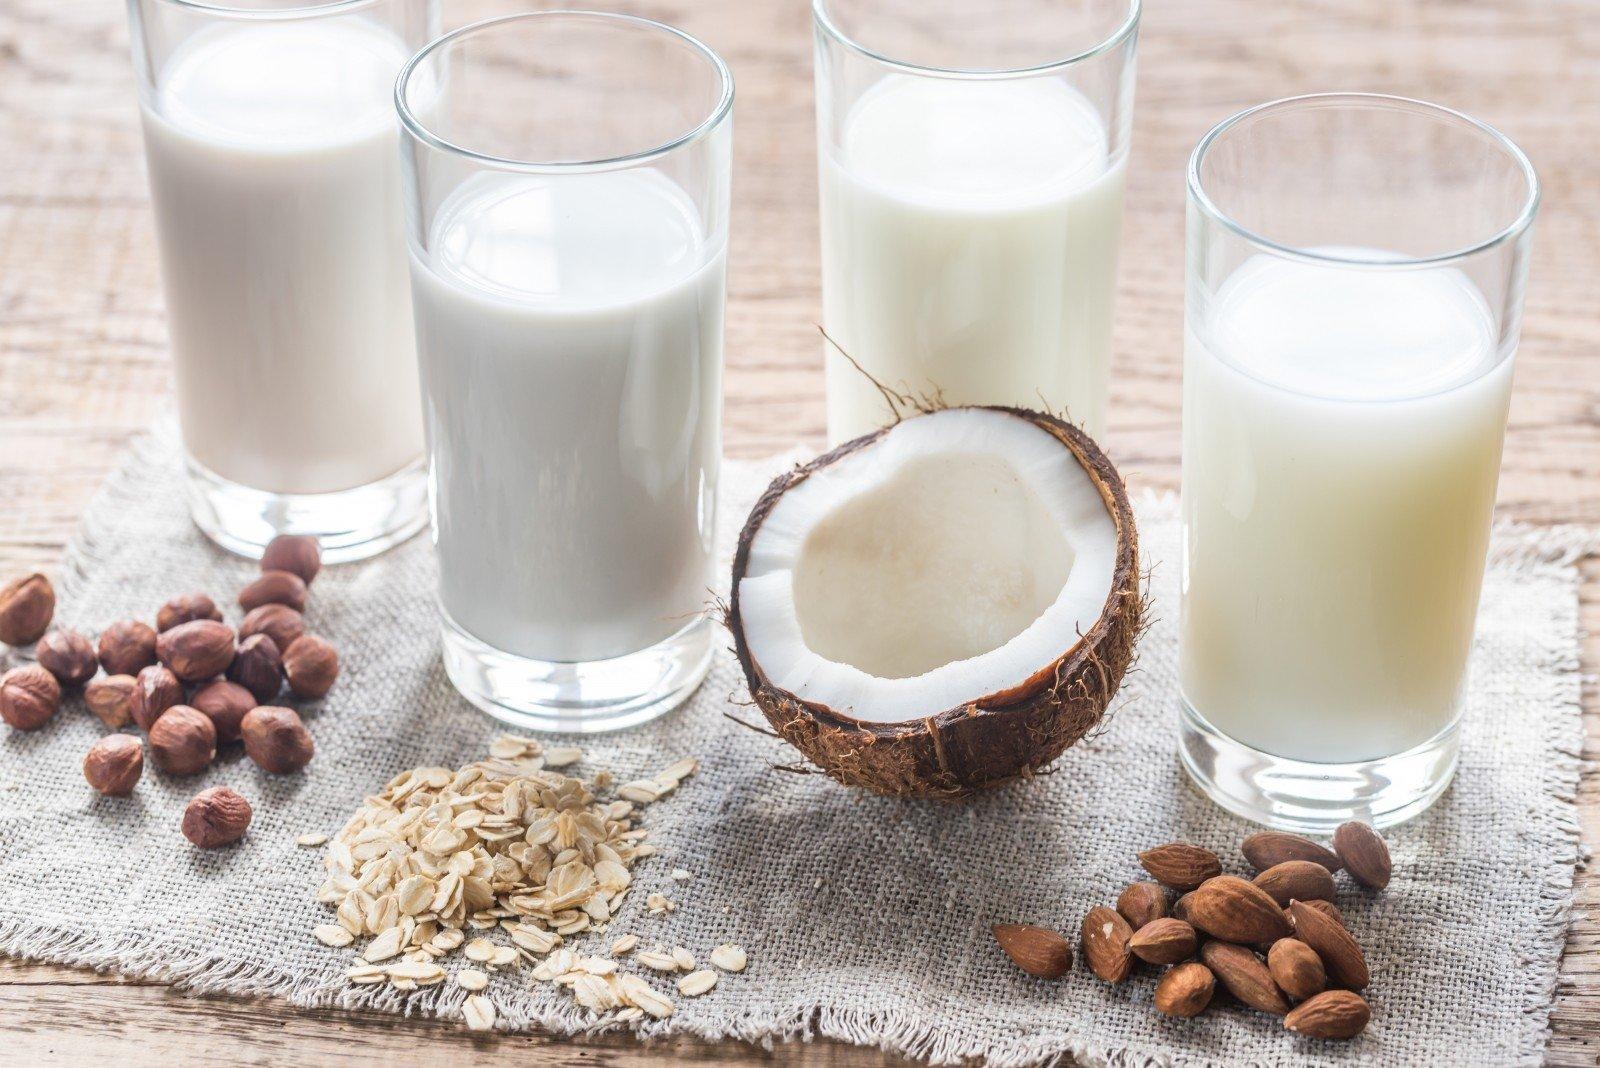 širdies sveikatos migdolų pienas)